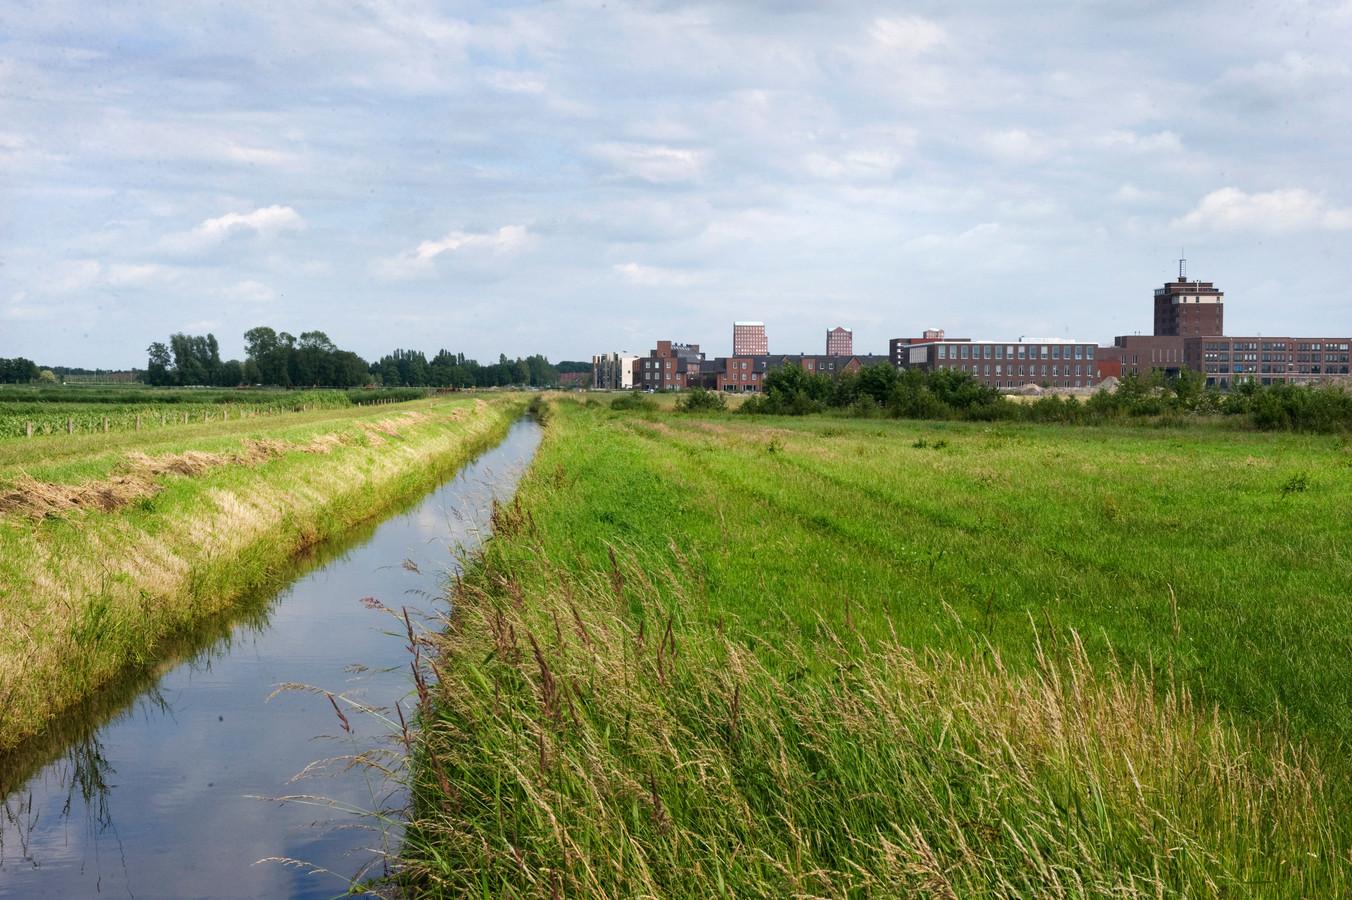 Vathorst-Noord, de plek waar een zonneveld is gepland.